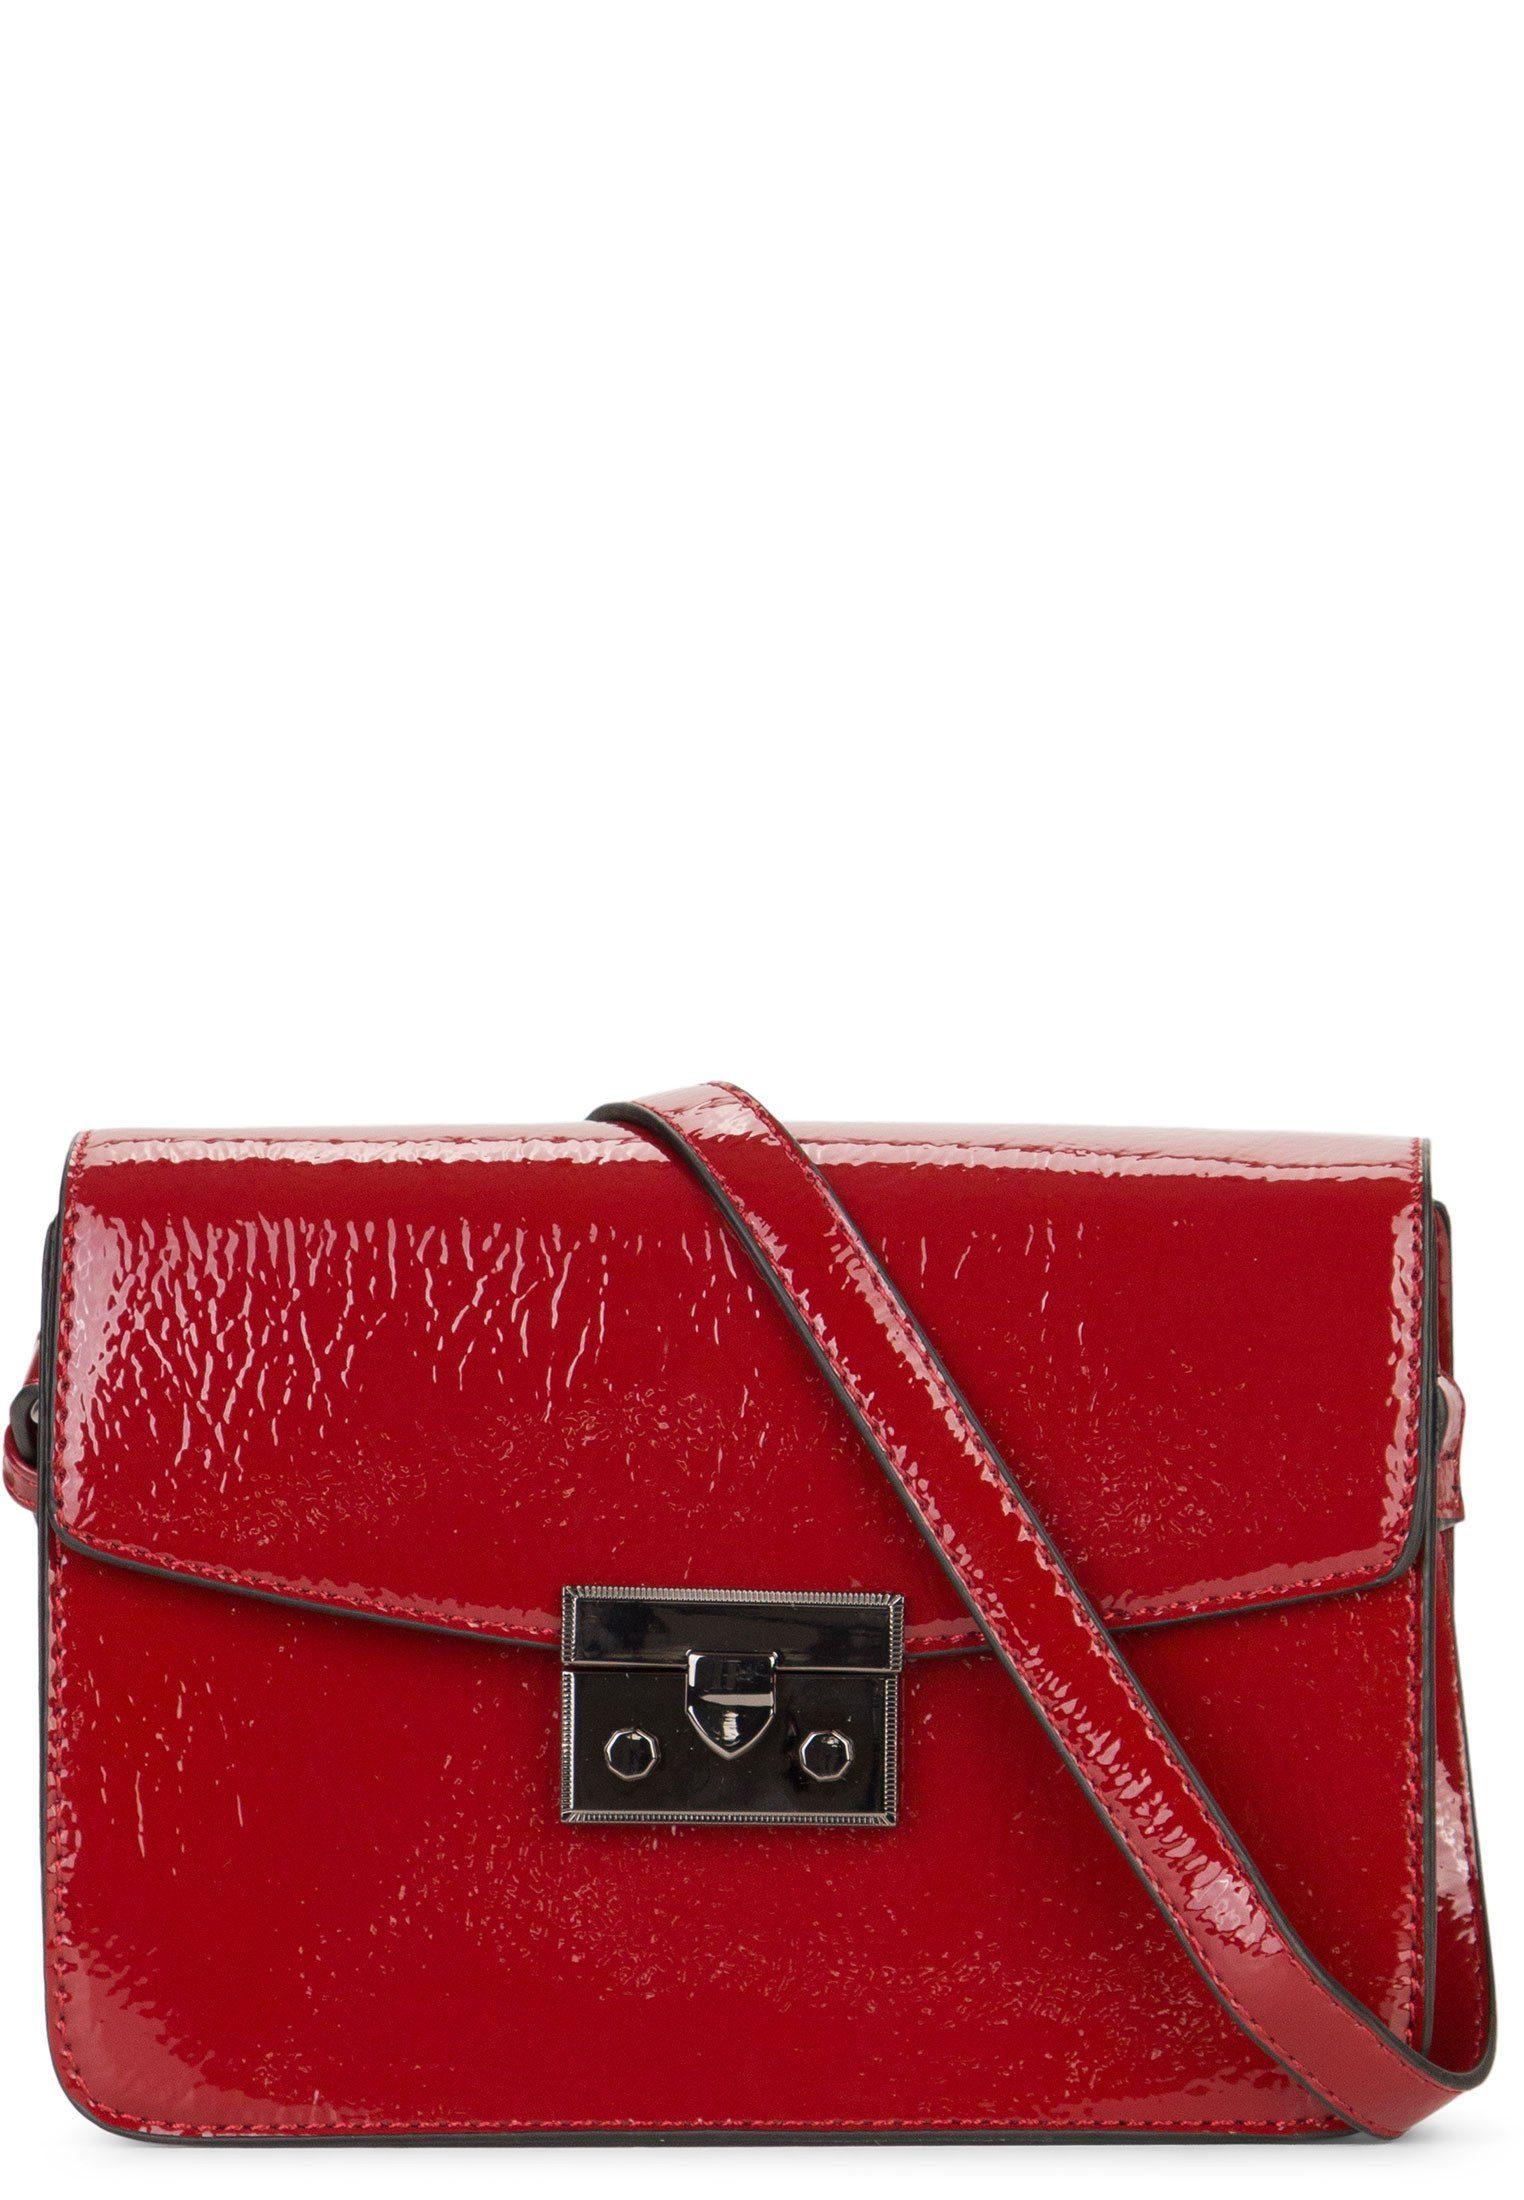 EMILY & NOAH Emily und Noah Tasche mit Leoeinsatz, Tasche in lässiger Form online kaufen   OTTO